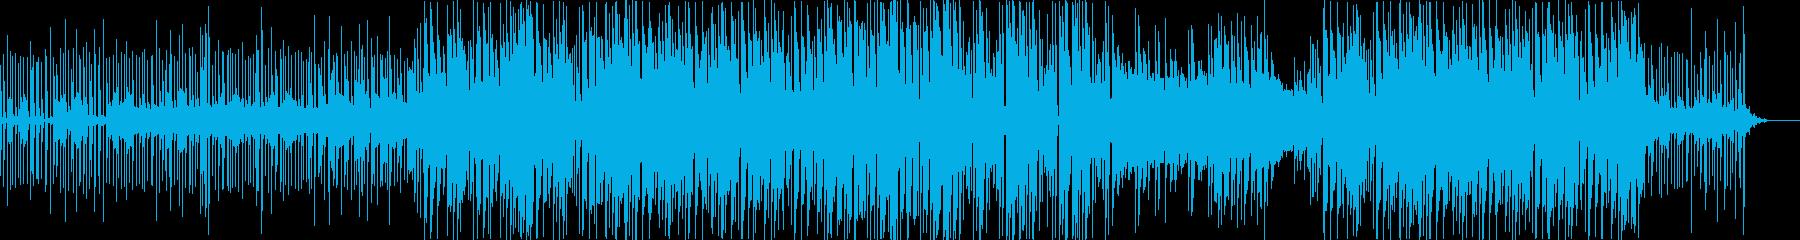 プレゼンや説明などクールで不思議な雰囲気の再生済みの波形